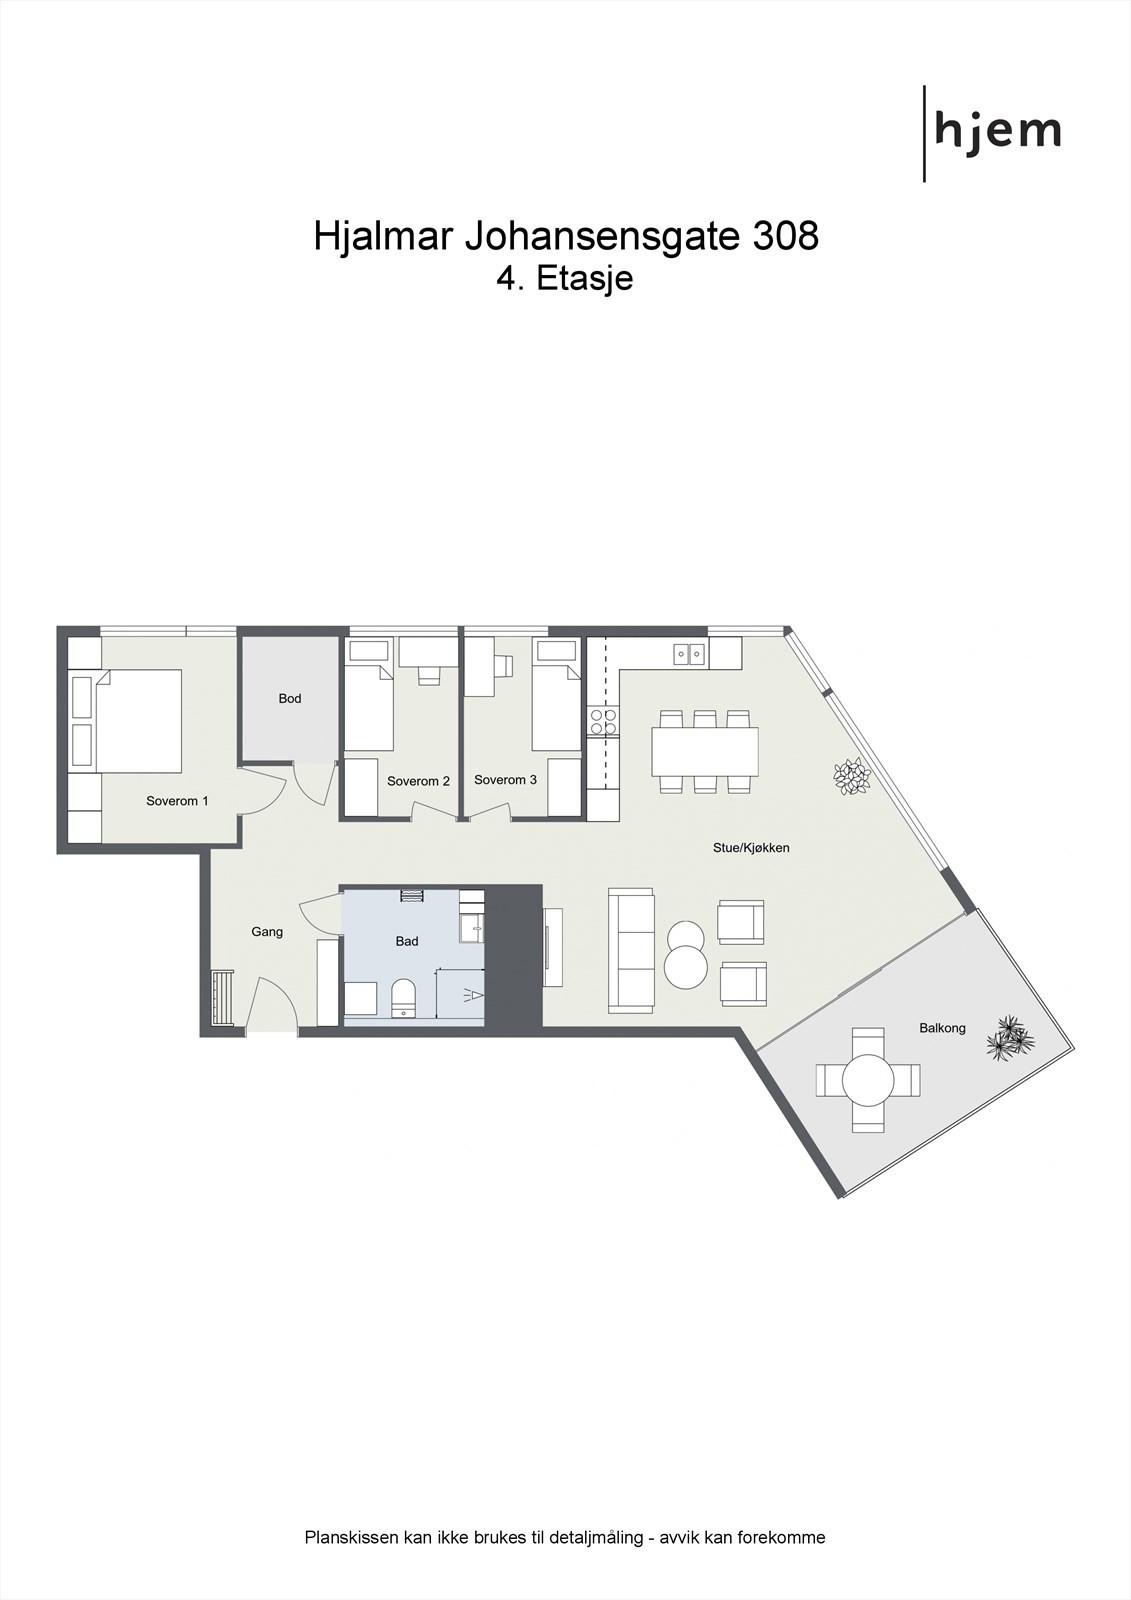 2D planillustrasjon av leiligheten.